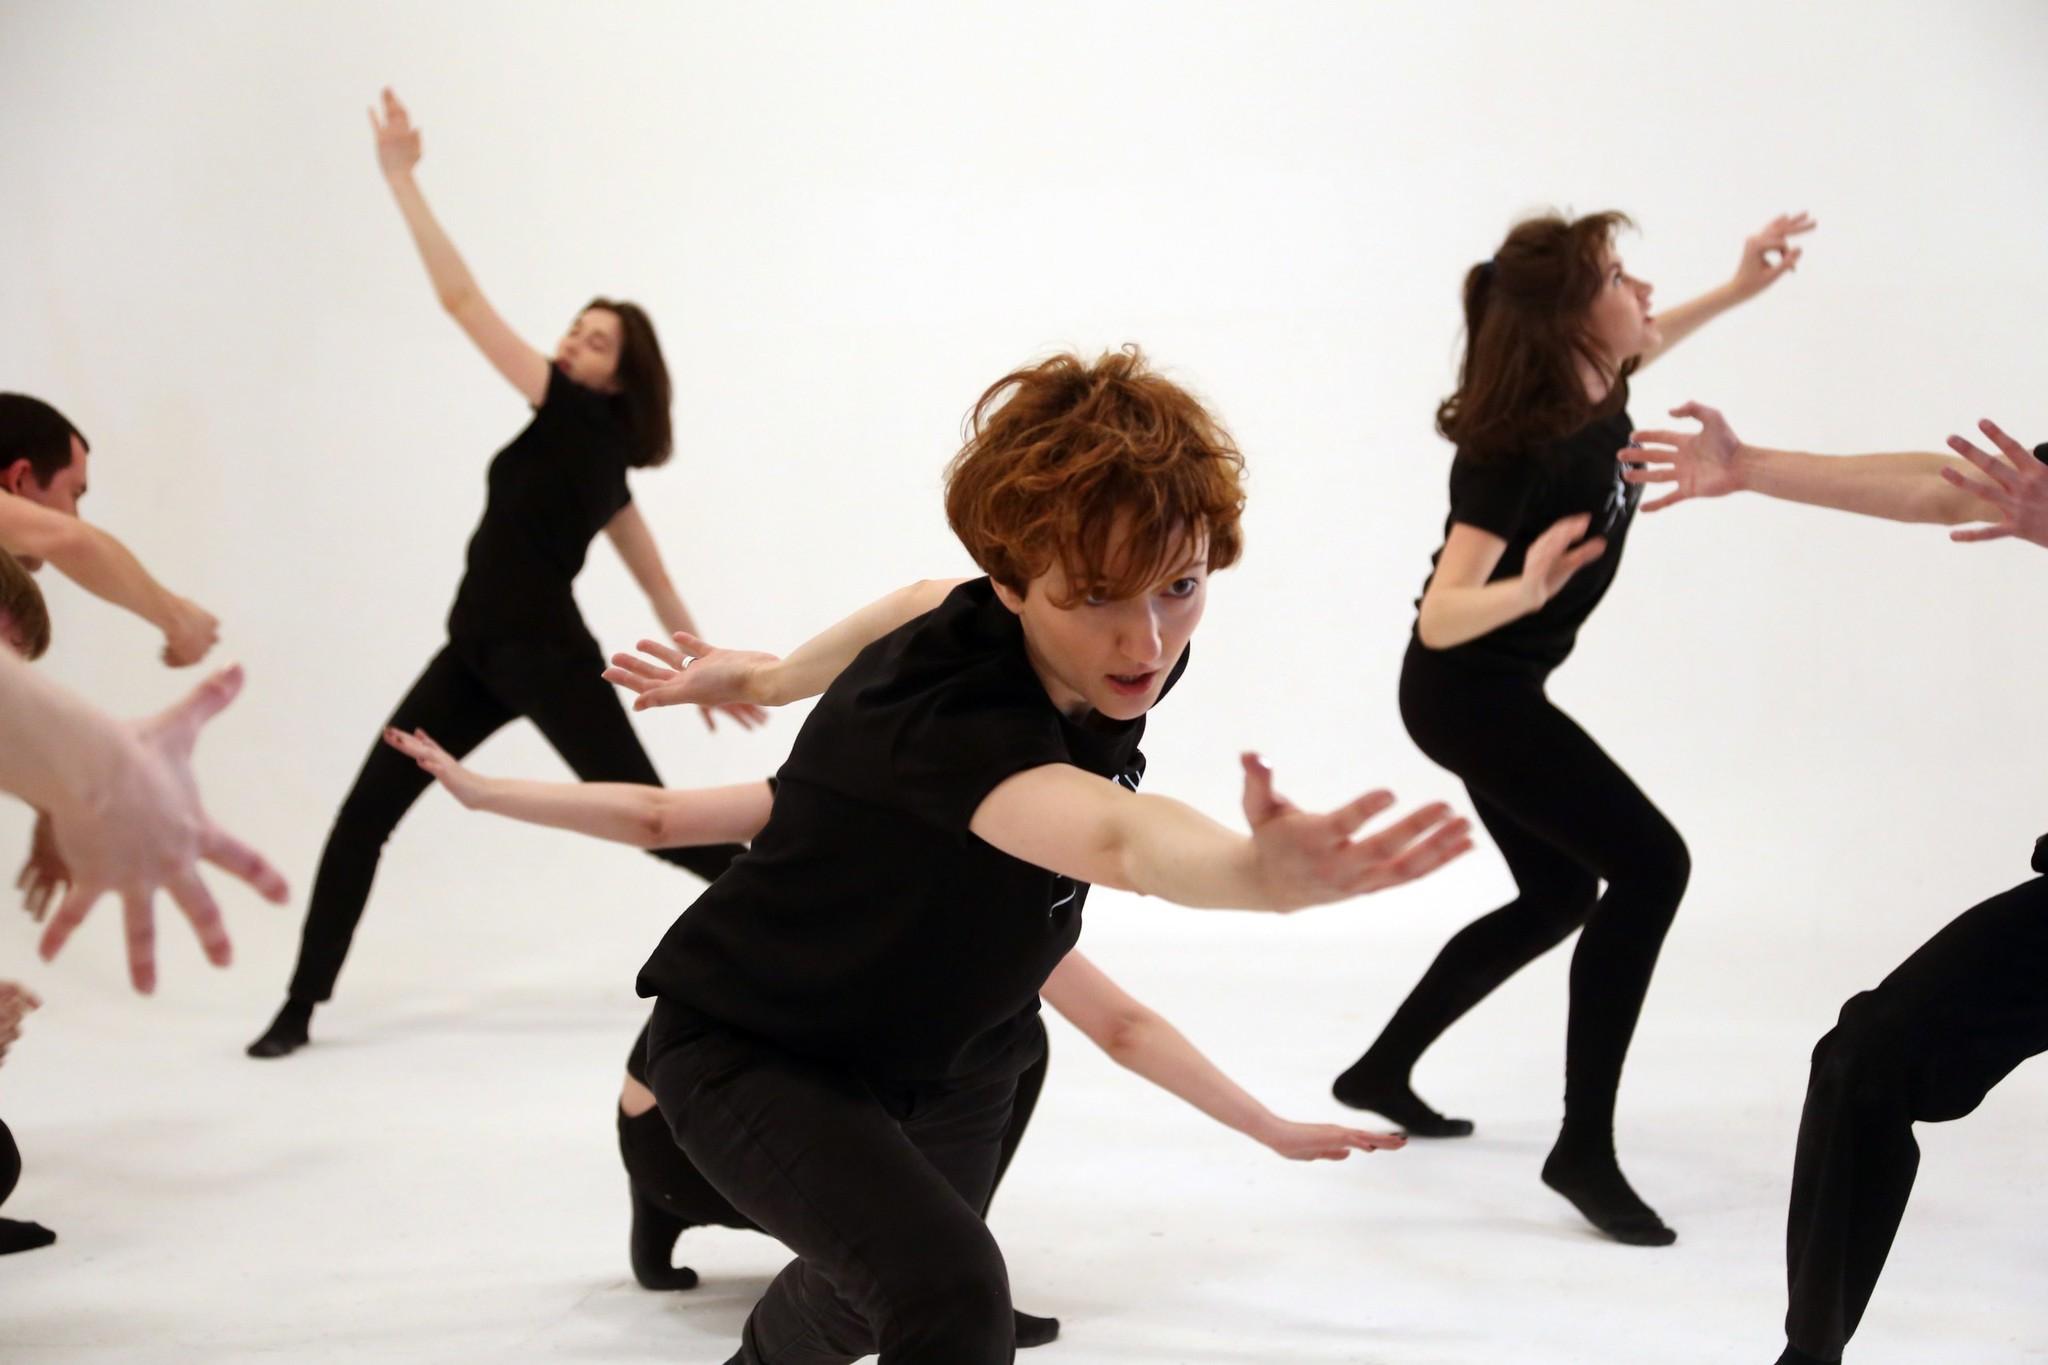 Актёрский тренинг (актёрское мастерство, актёрское искусство) (сайт Минской школы киноискусства)